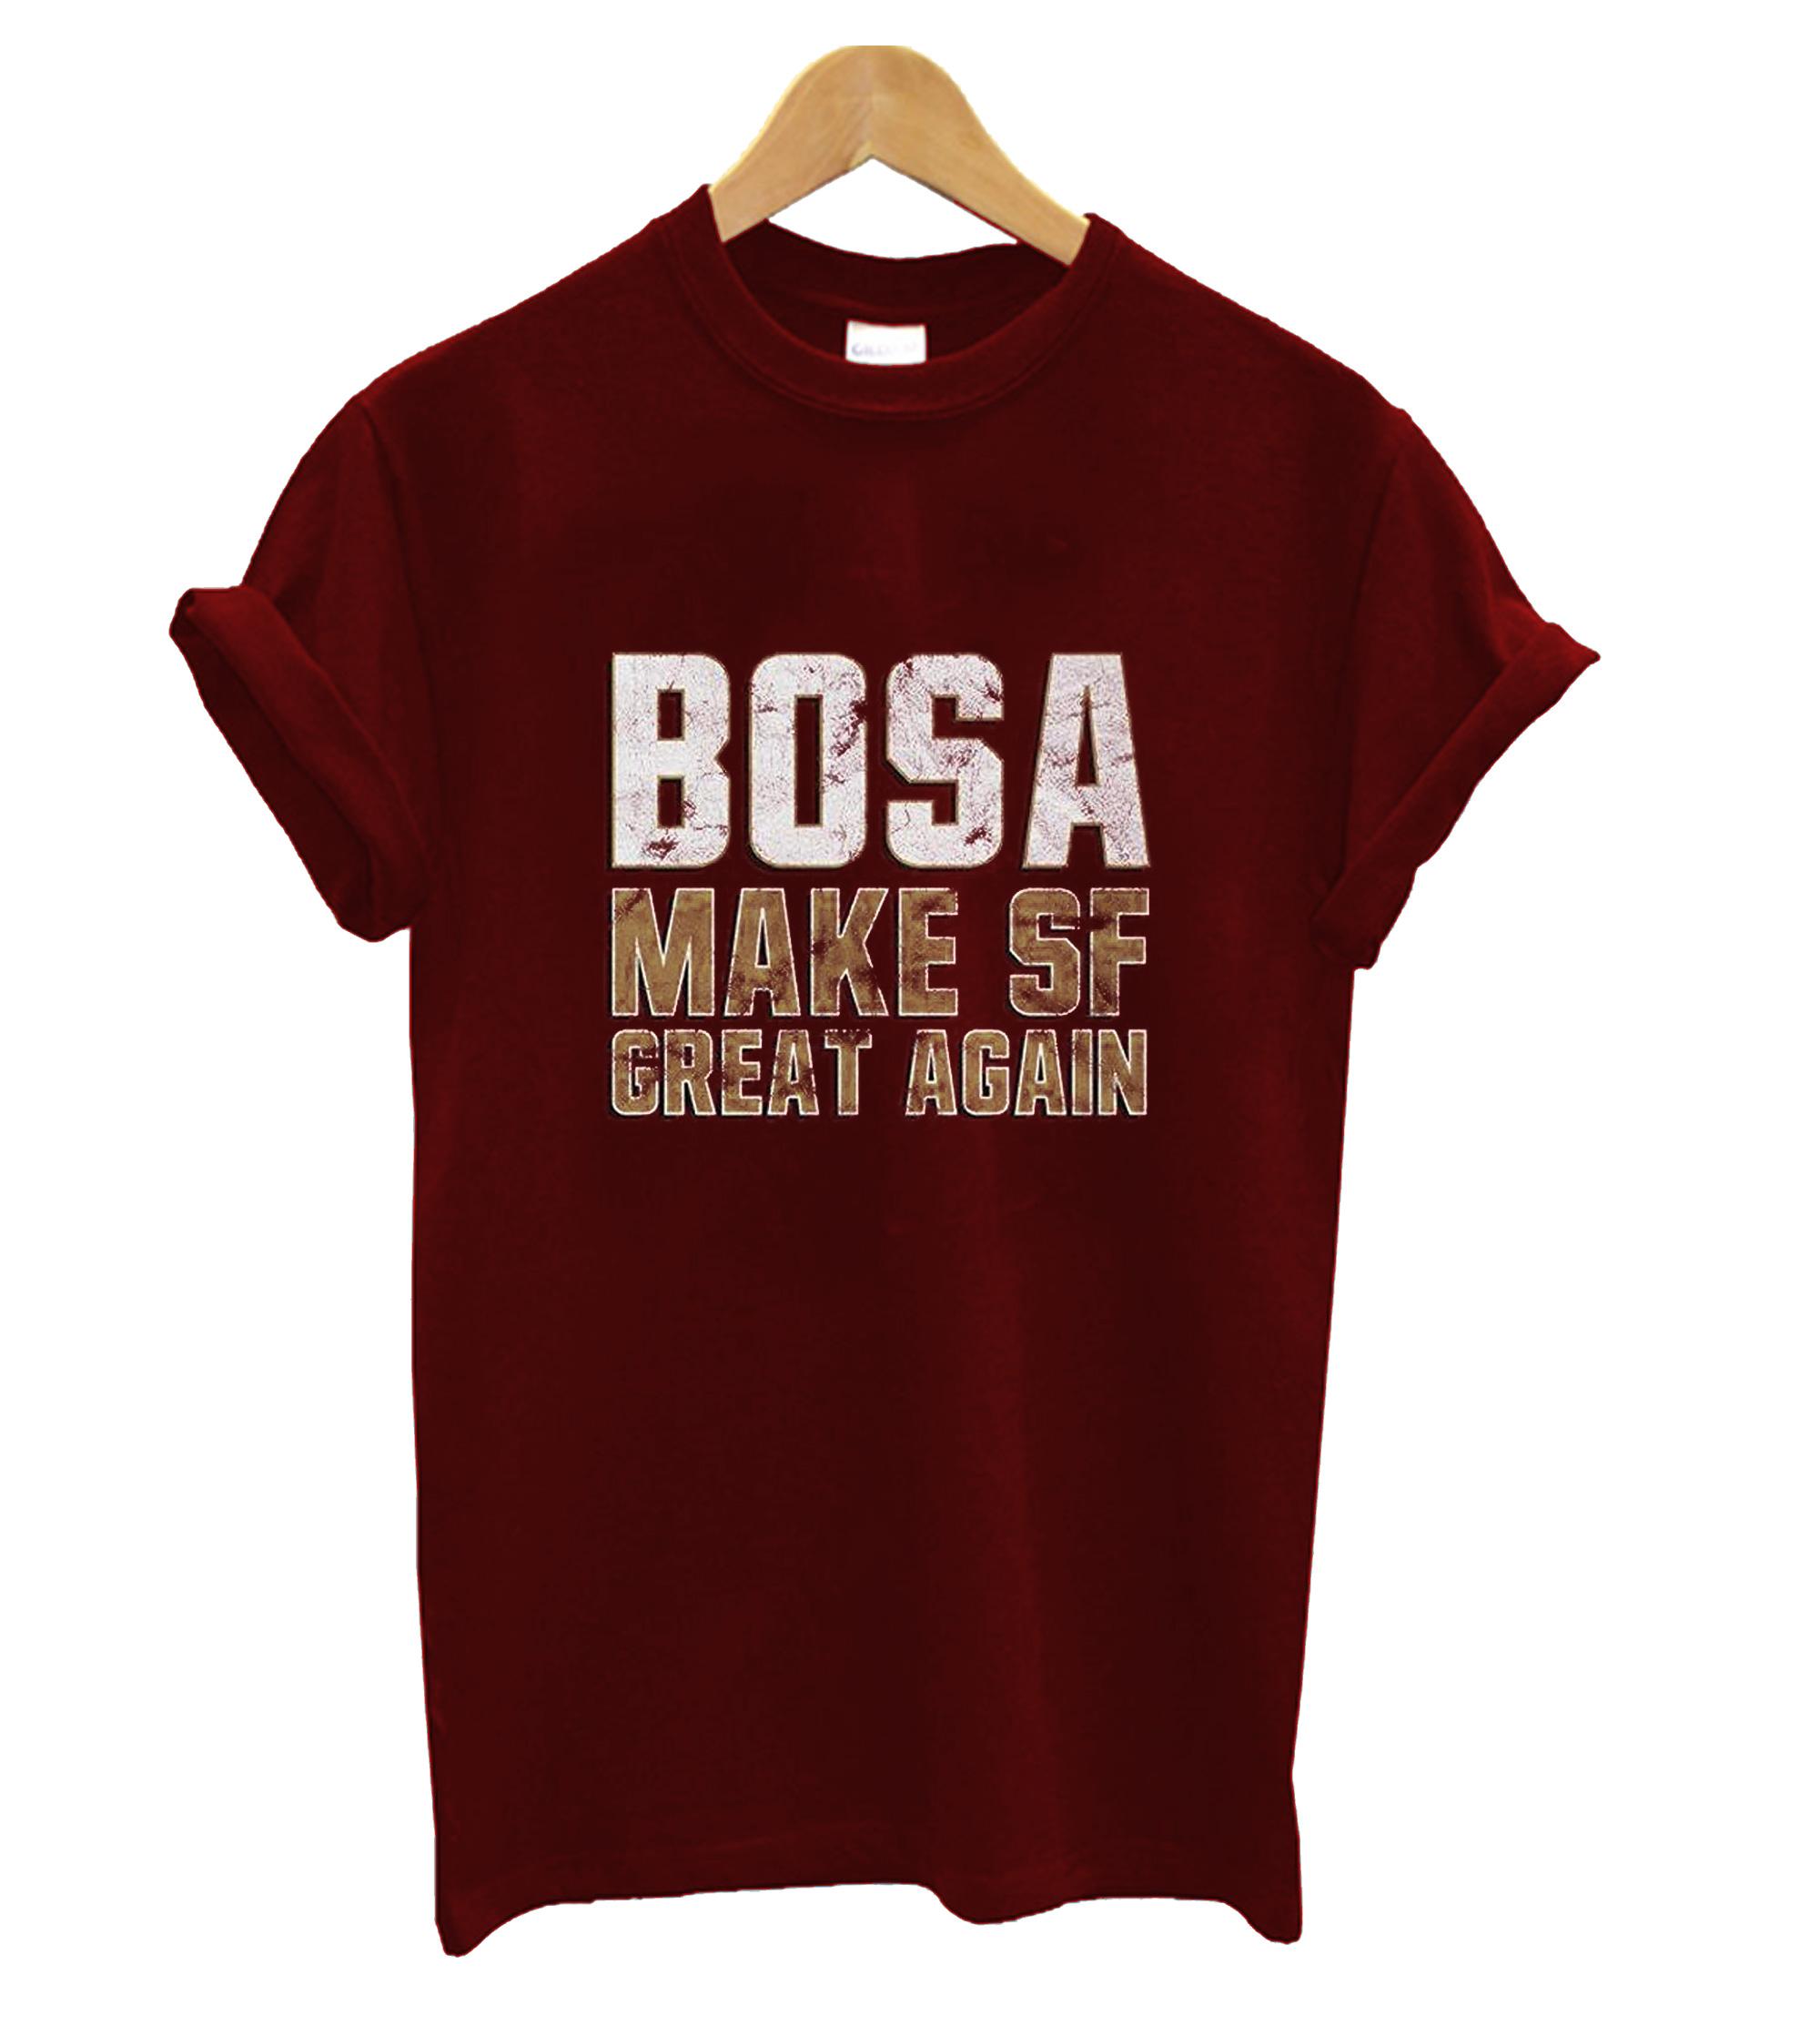 Nick Bosa T Shirt